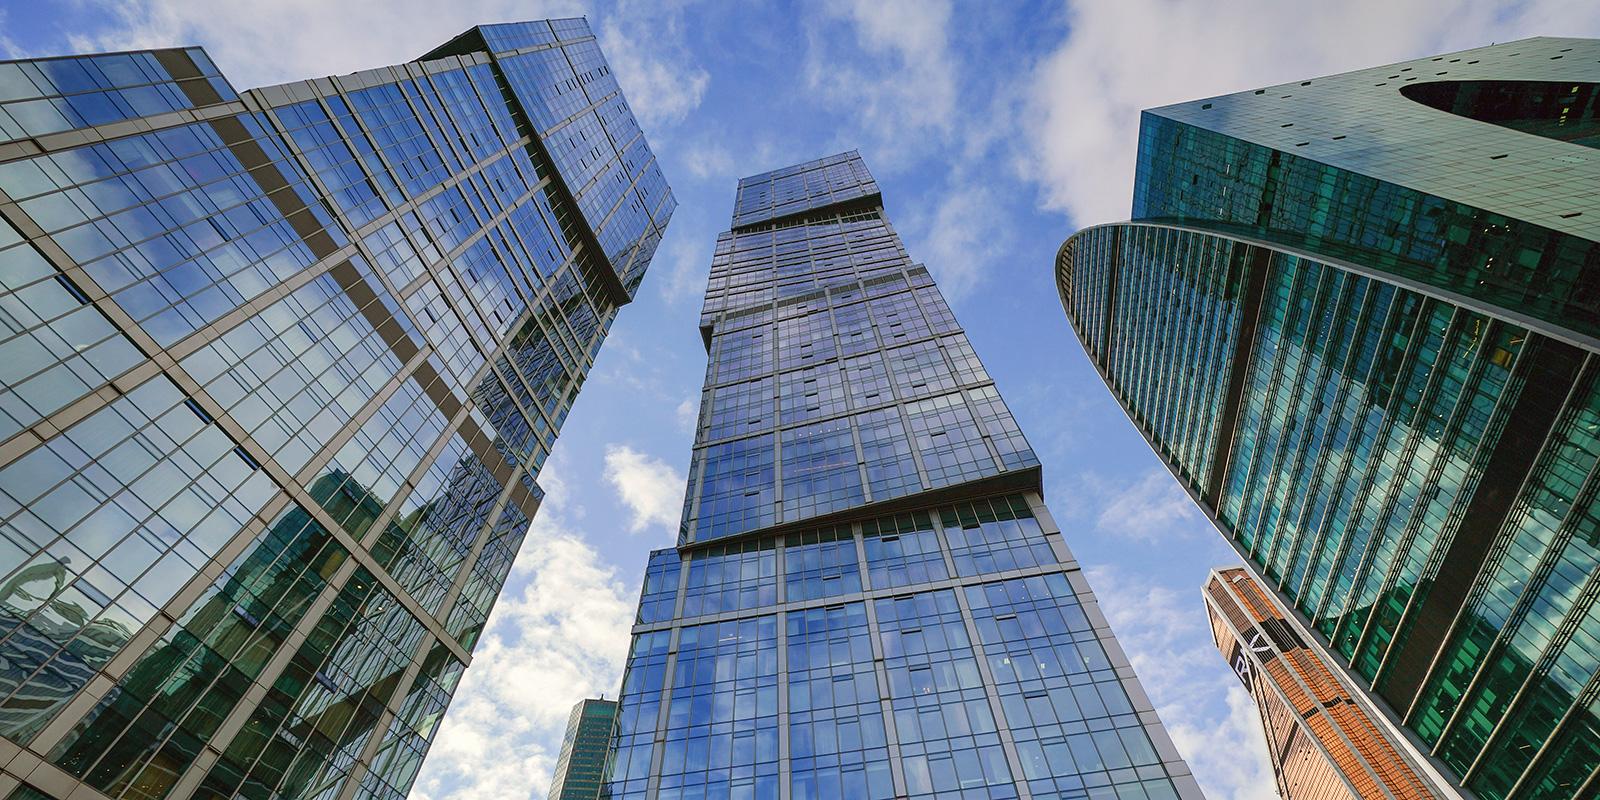 Предприниматели получили отсрочку платежей по имущественным налогам и торговому сбору на 3,5 миллиарда рублей